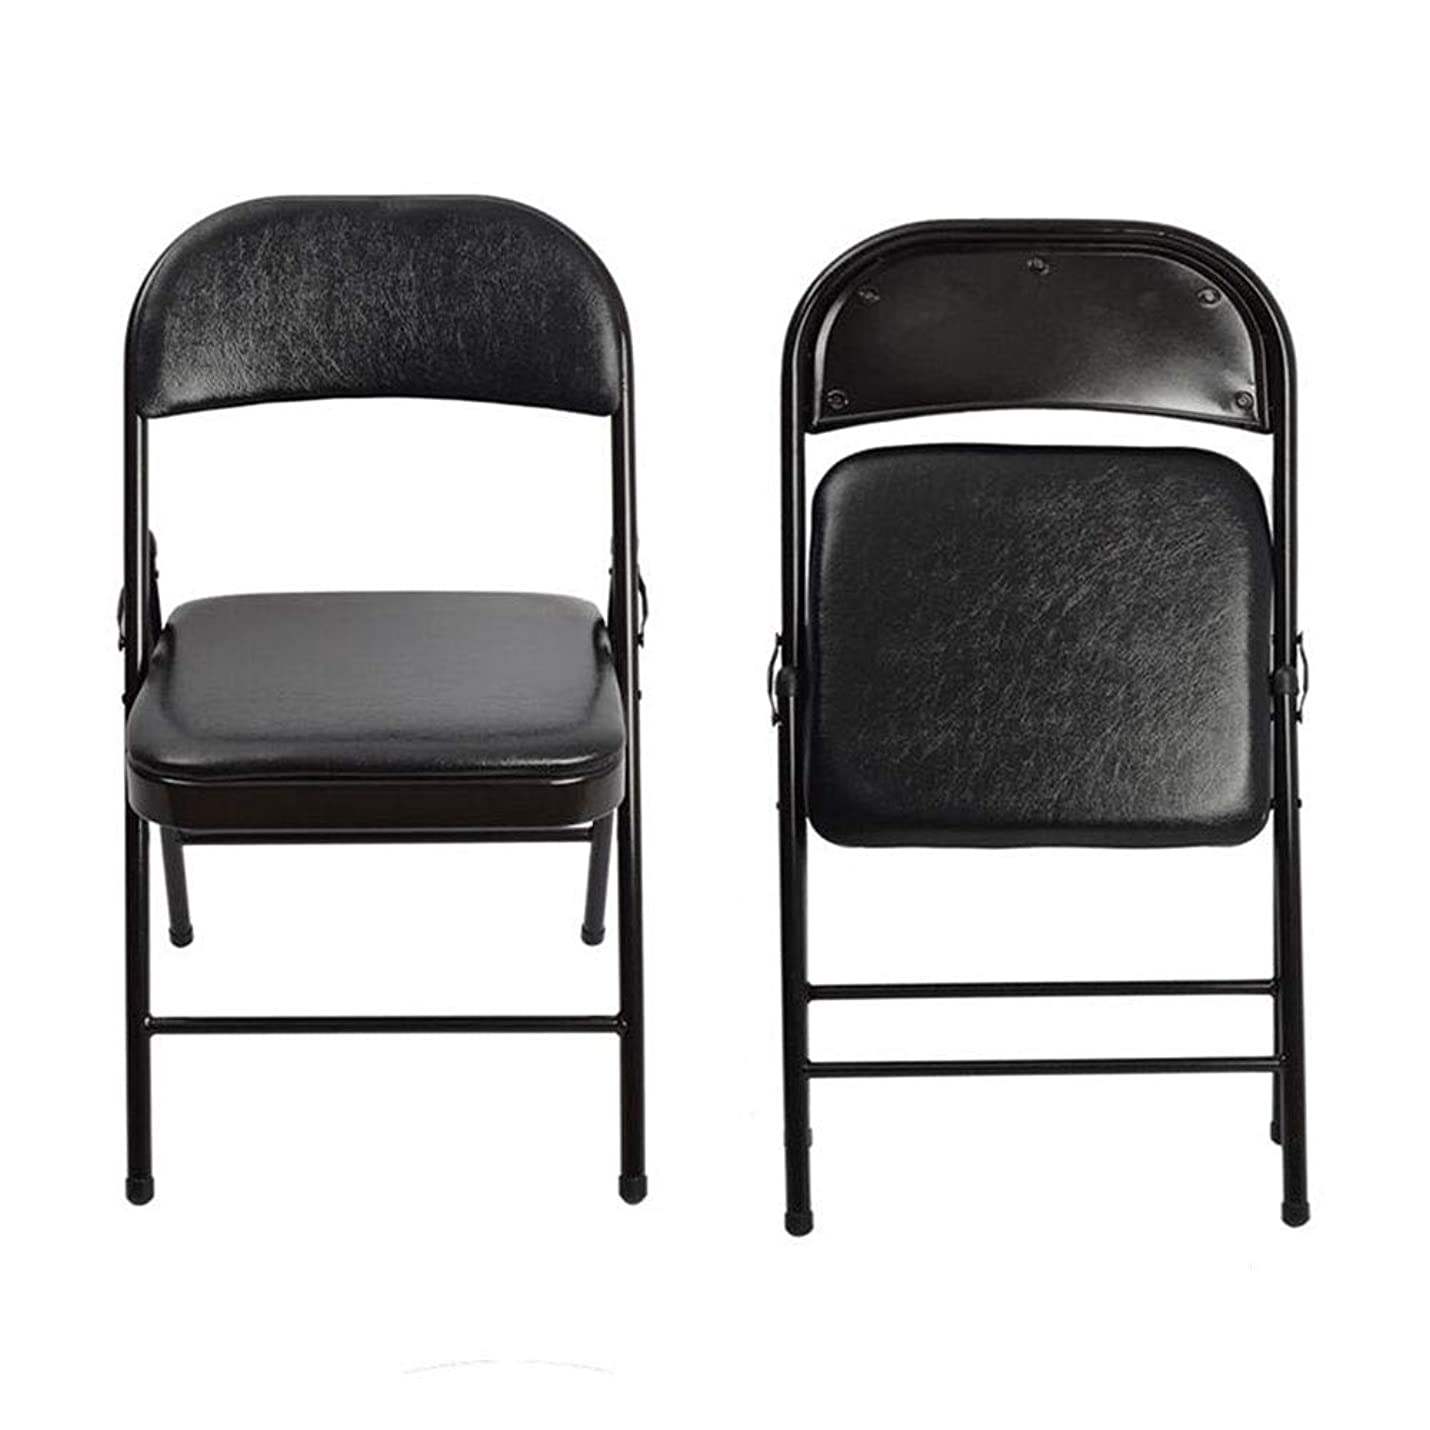 克服するジャズキャベツ折りたたみ椅子 鉄骨、 ポータブルチェア 折り畳み式シート 人間工学に基づいた 背もたれ ために 結婚式 パティオ 庭園 CJC (Color : Black)